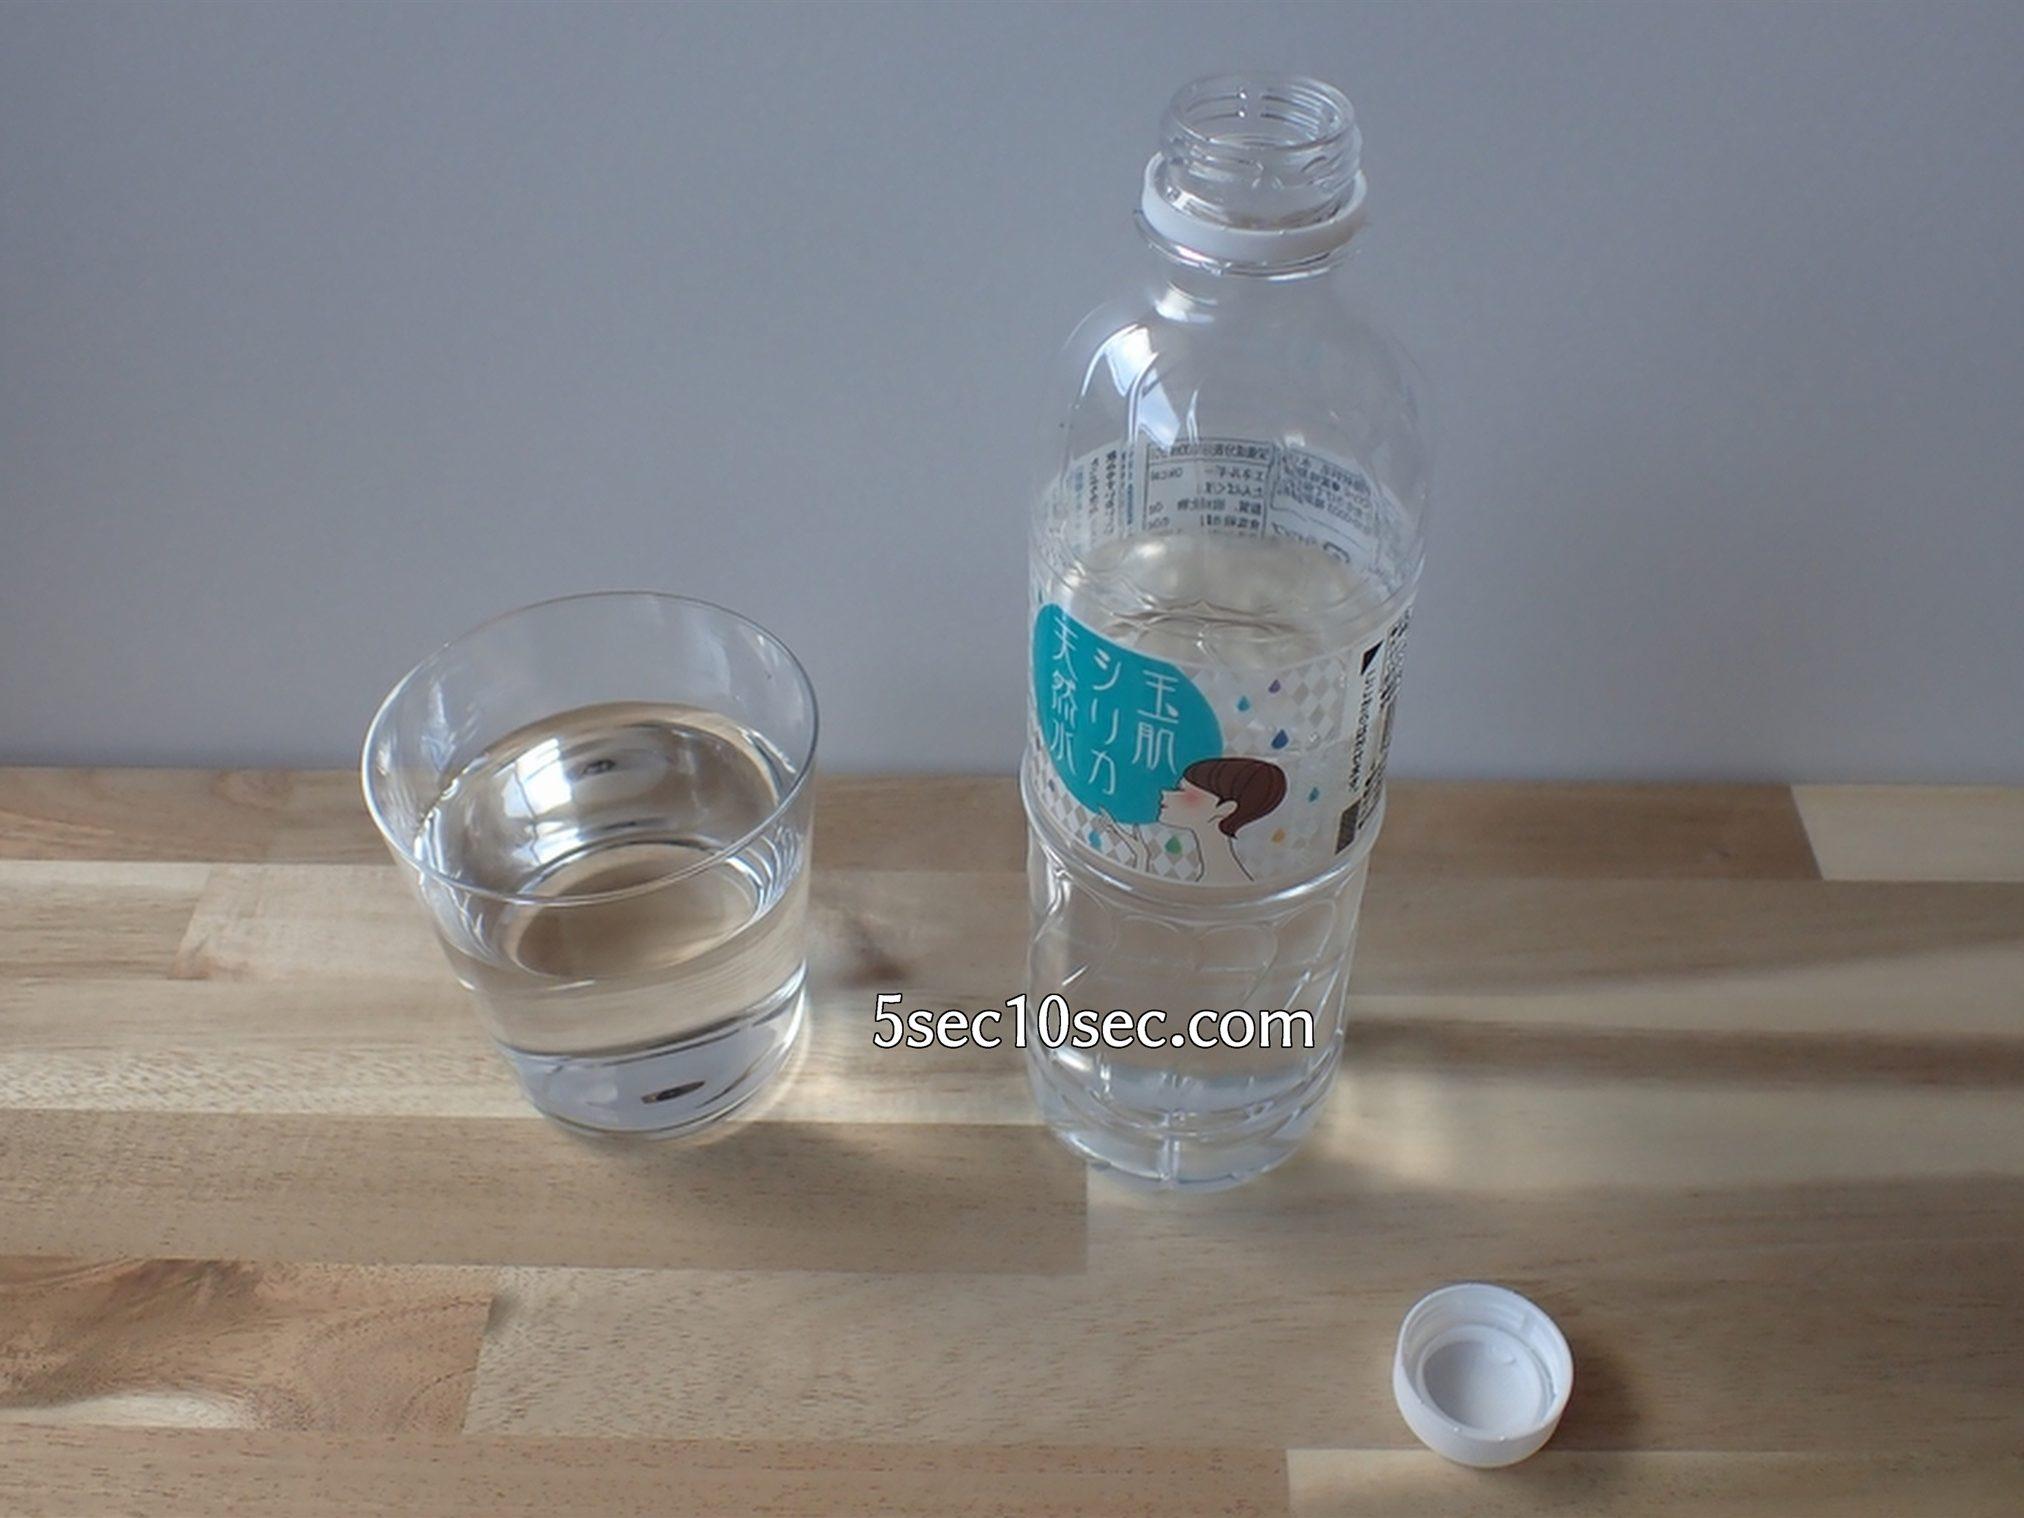 玉肌シリカ天然水 中硬水なのでクセがなく飲みやすいです